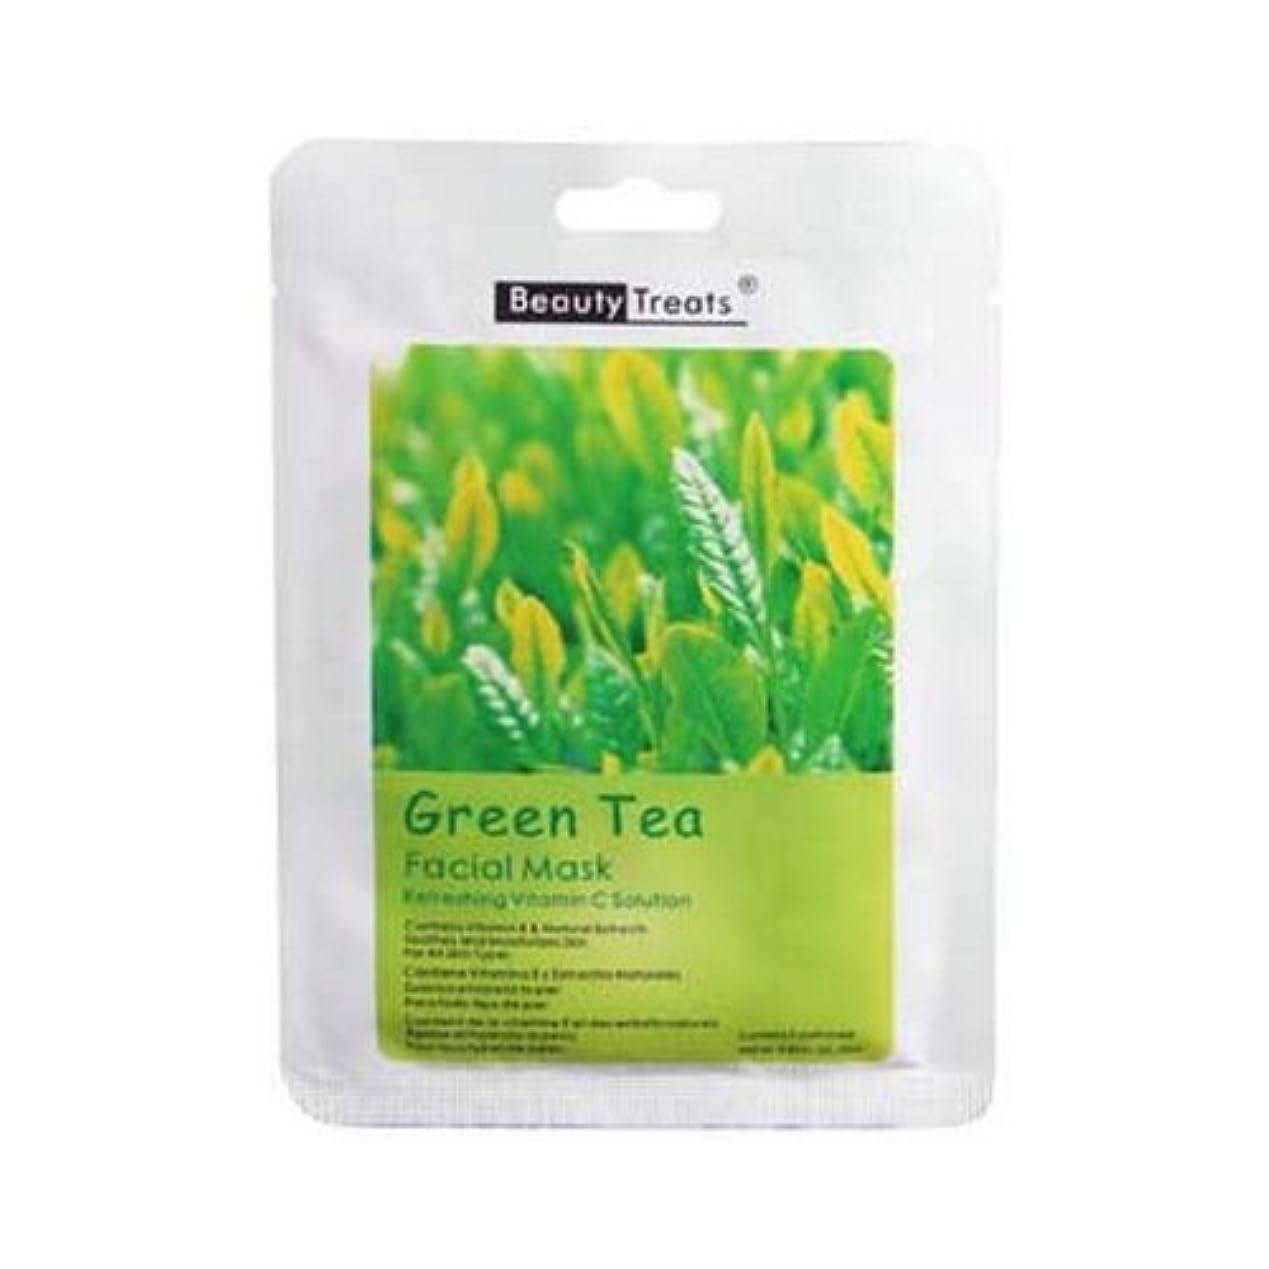 把握チャペル酸素(6 Pack) BEAUTY TREATS Facial Mask Refreshing Vitamin C Solution - Green Tea (並行輸入品)